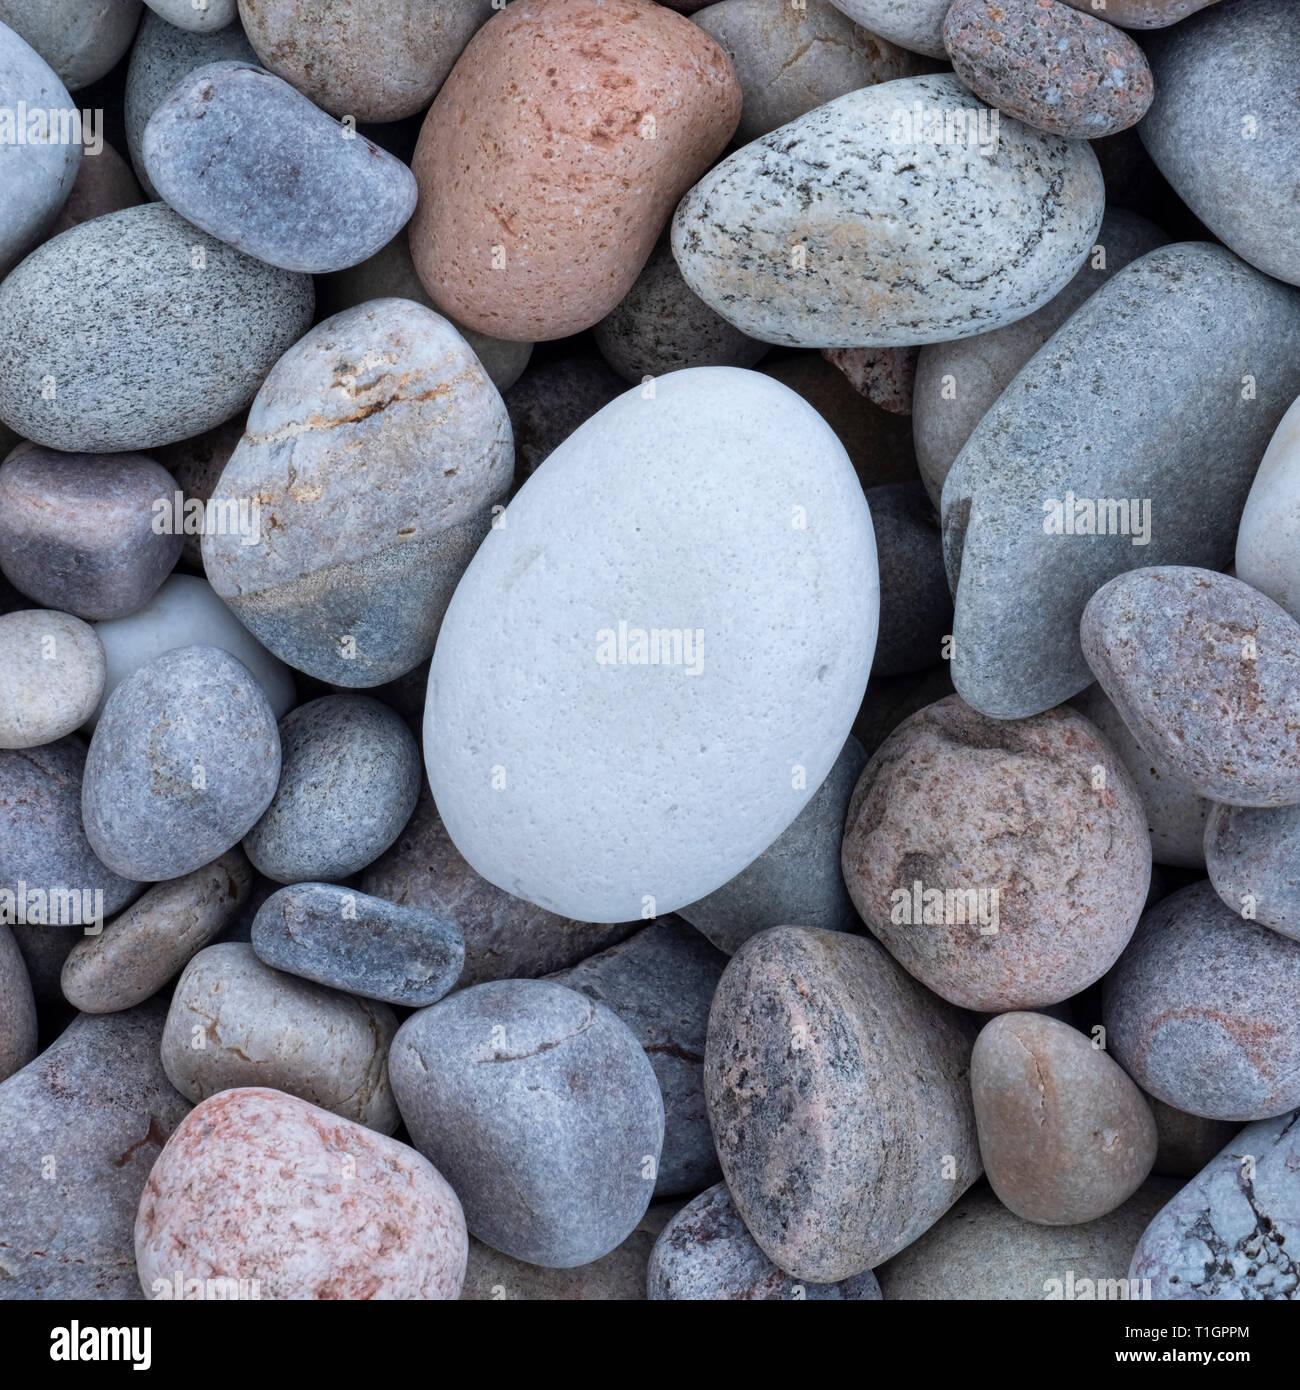 L'uovo, la spiaggia di ciottoli di Baia Spey, murene, sulla costa nord-orientale della Scozia, Regno Unito Immagini Stock